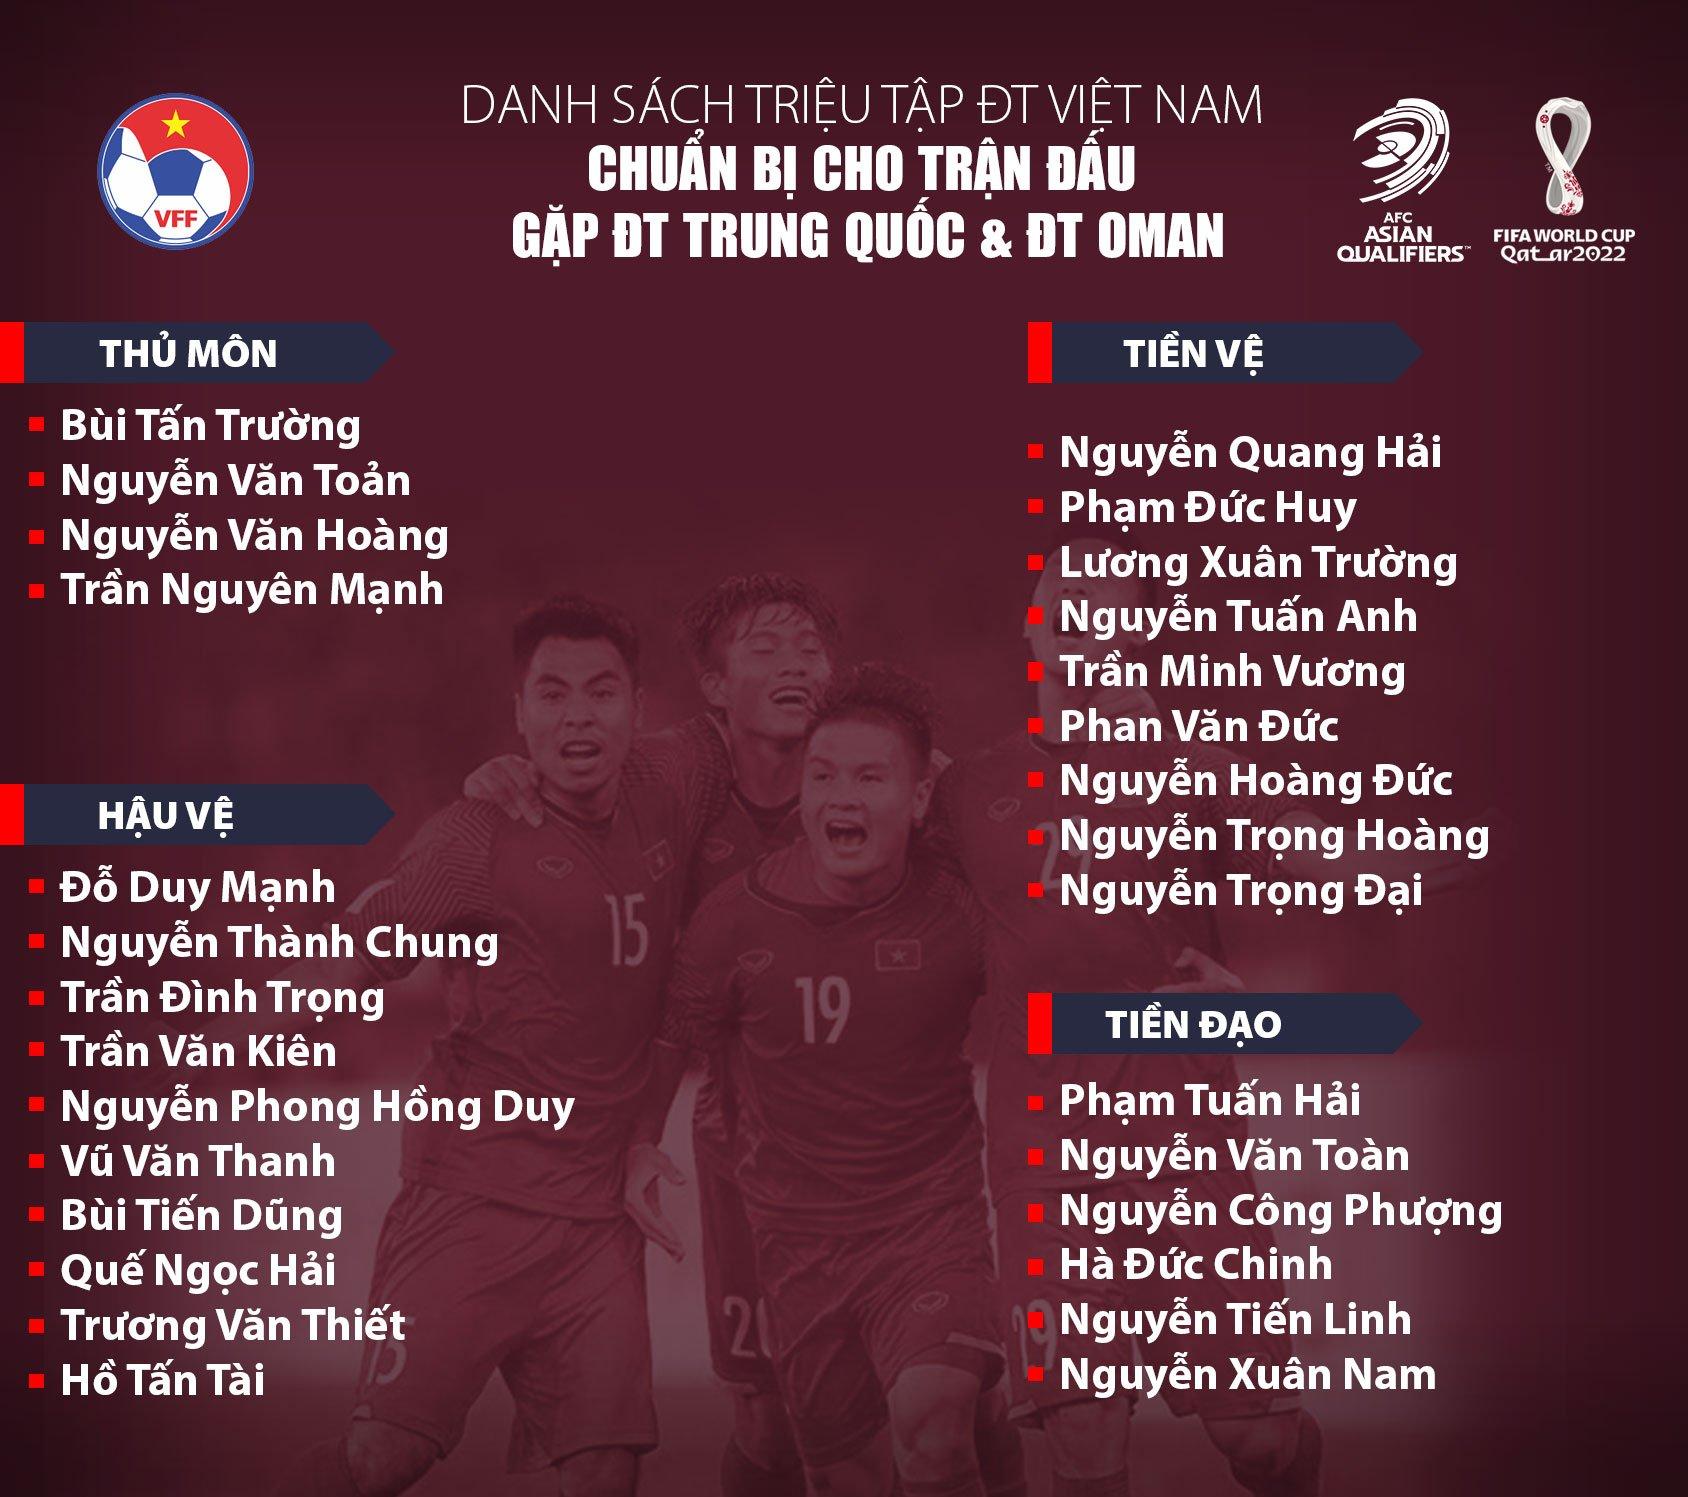 HLV Park Hang-seo bổ sung thủ môn Trần Nguyên Mạnh lên đội tuyển  -0